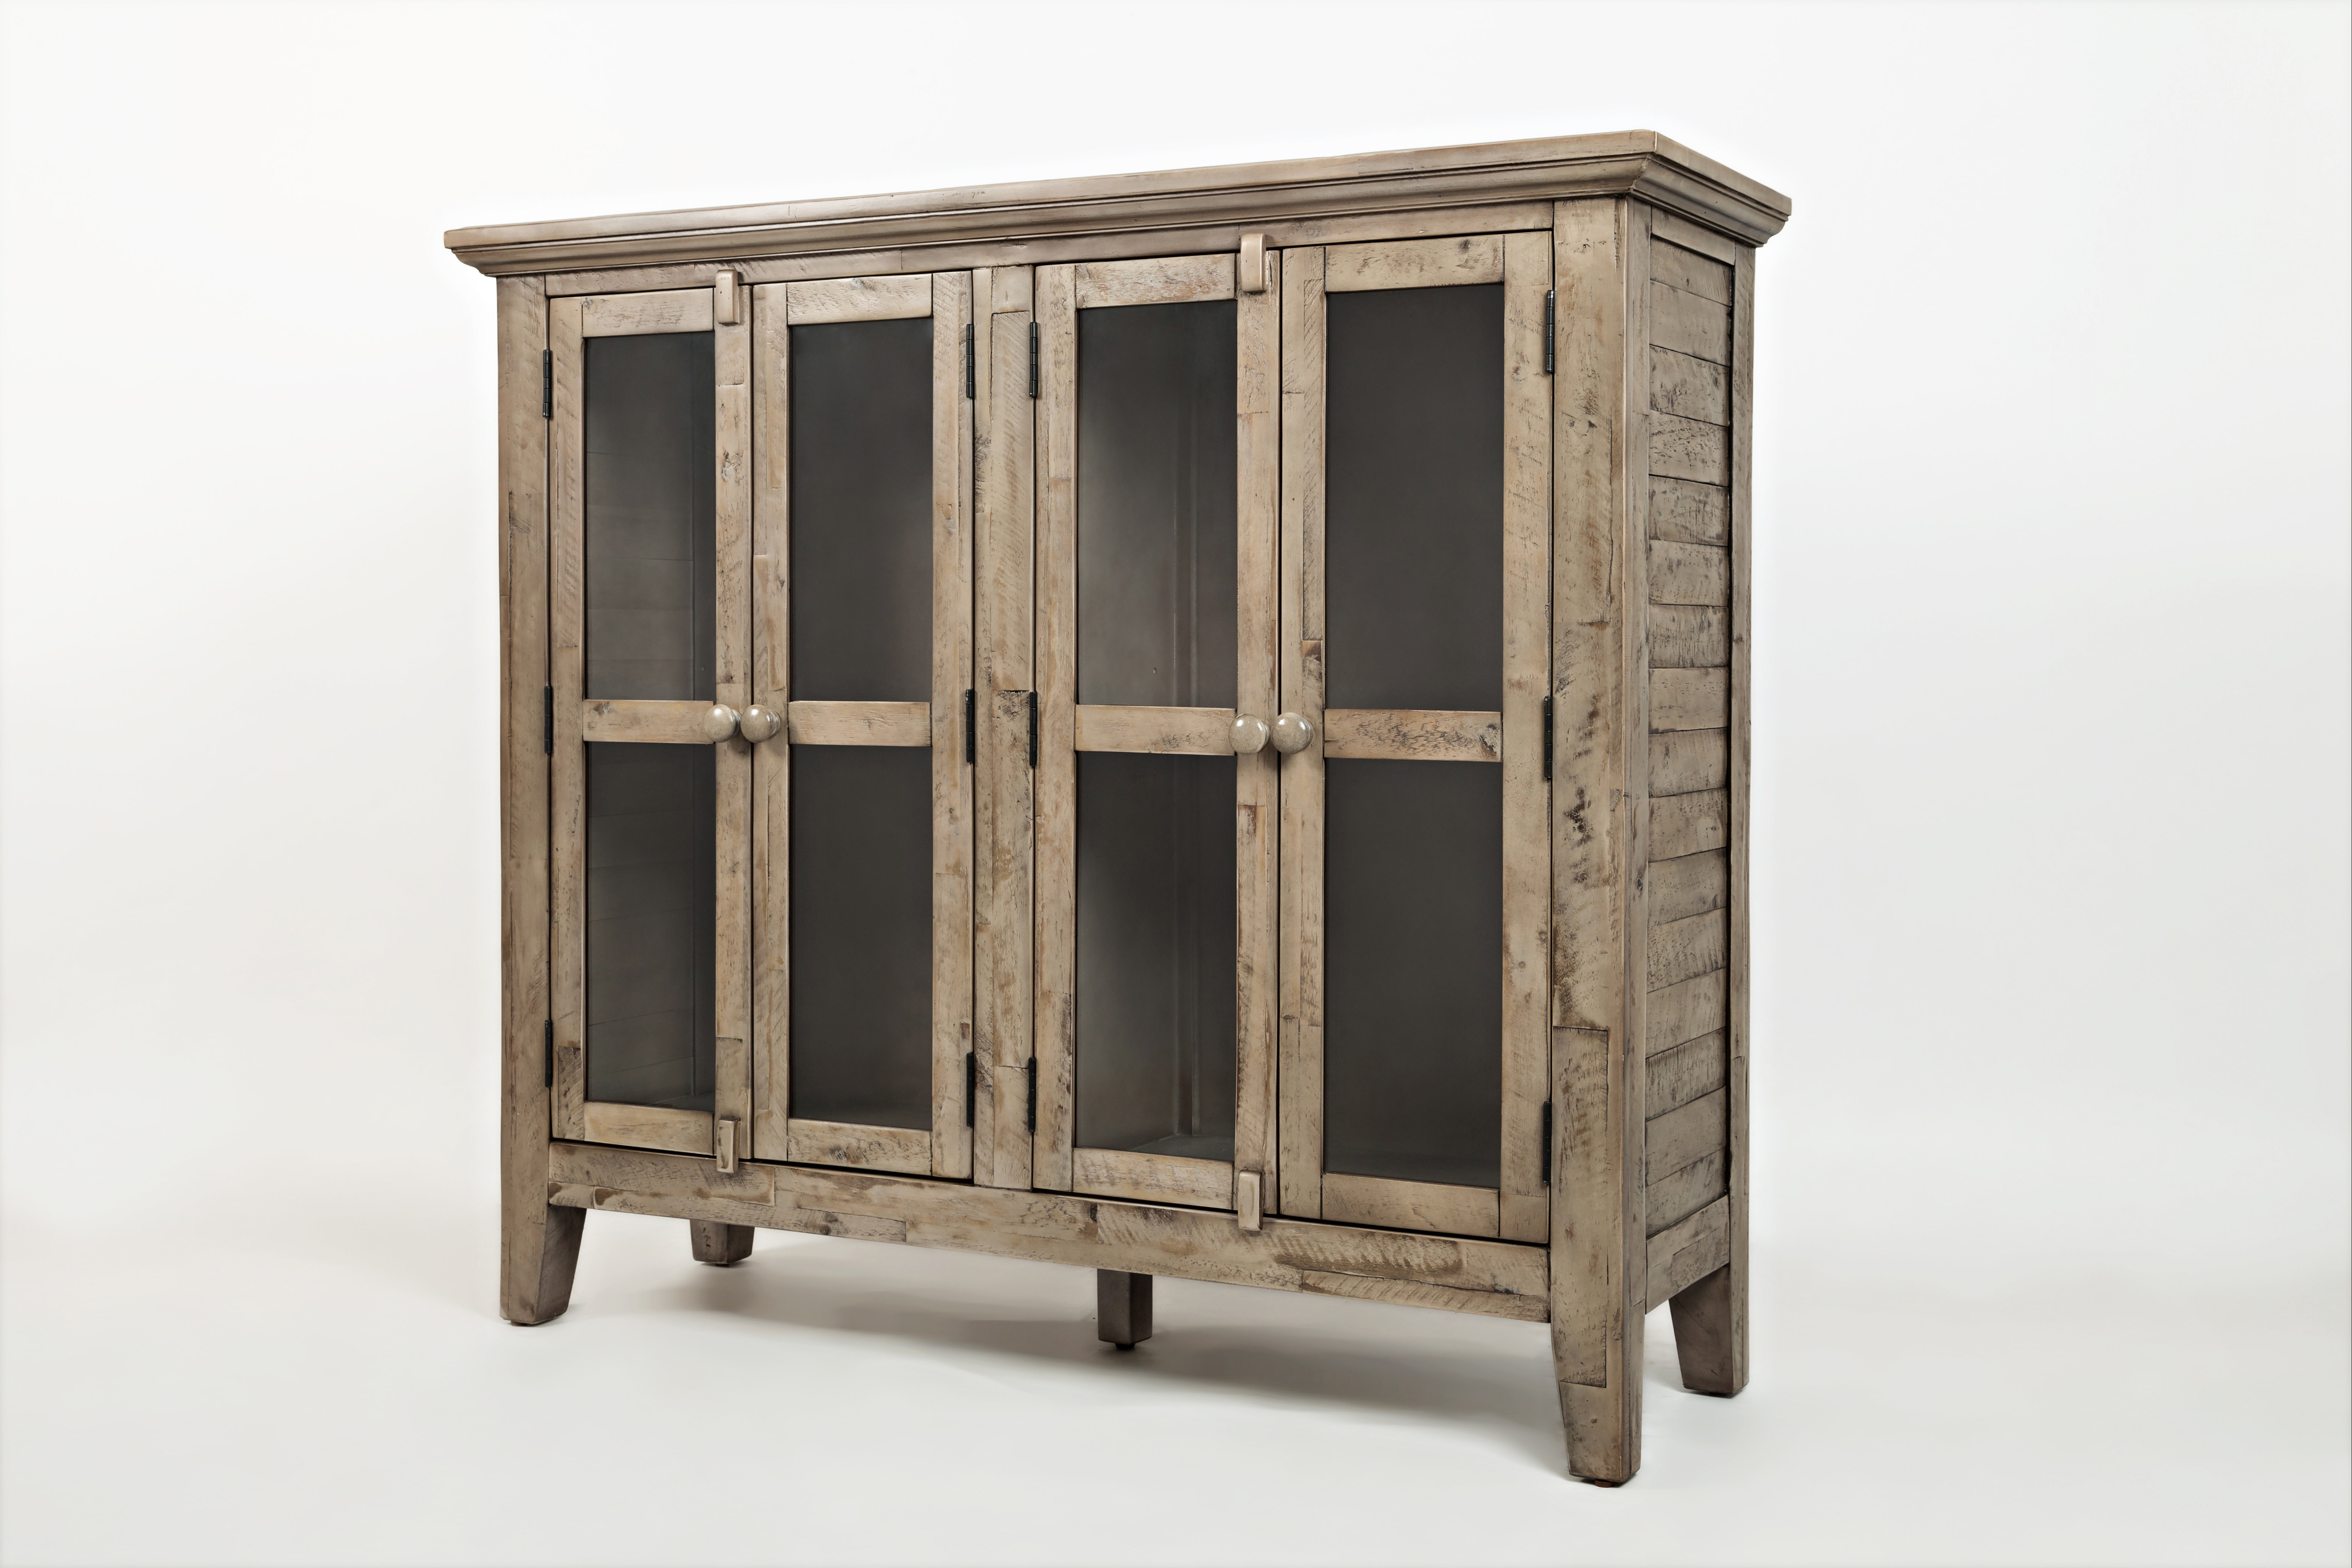 Lark Manor Eau Claire 4 Door Accent Cabinet Regarding Well Liked Eau Claire 6 Door Accent Cabinets (View 13 of 20)